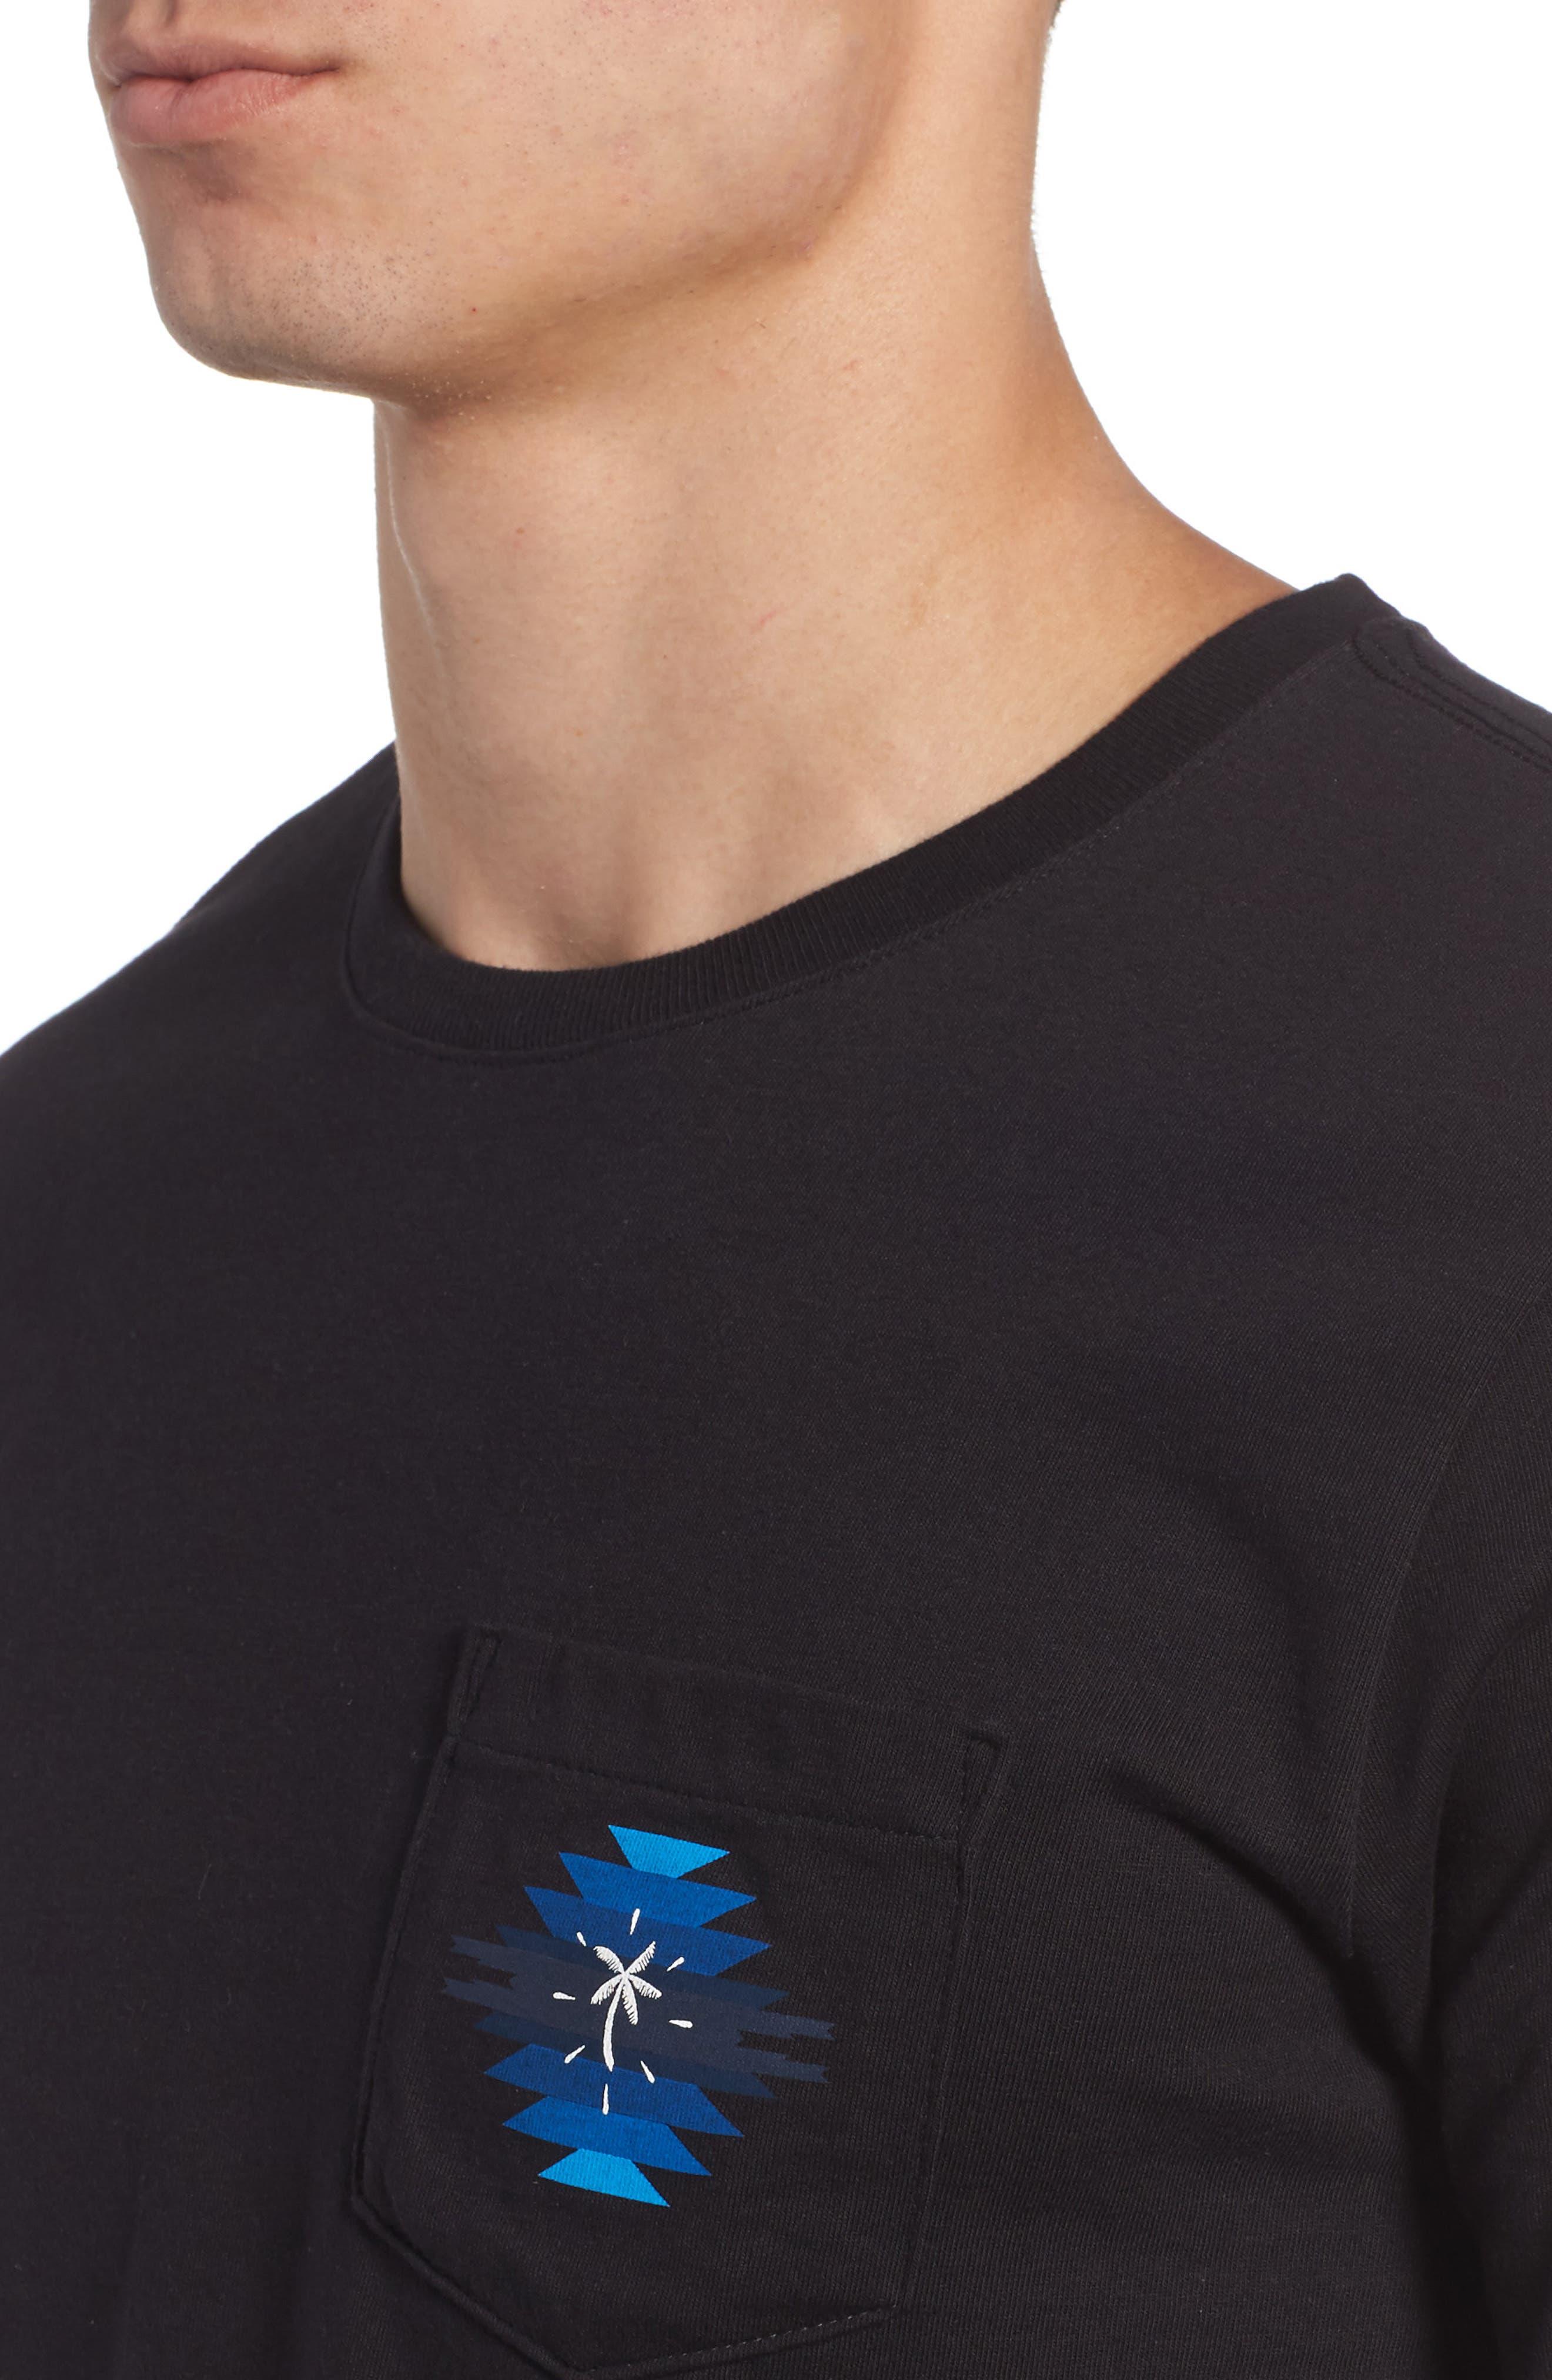 x Pendleton Pocket T-Shirt,                             Alternate thumbnail 4, color,                             010